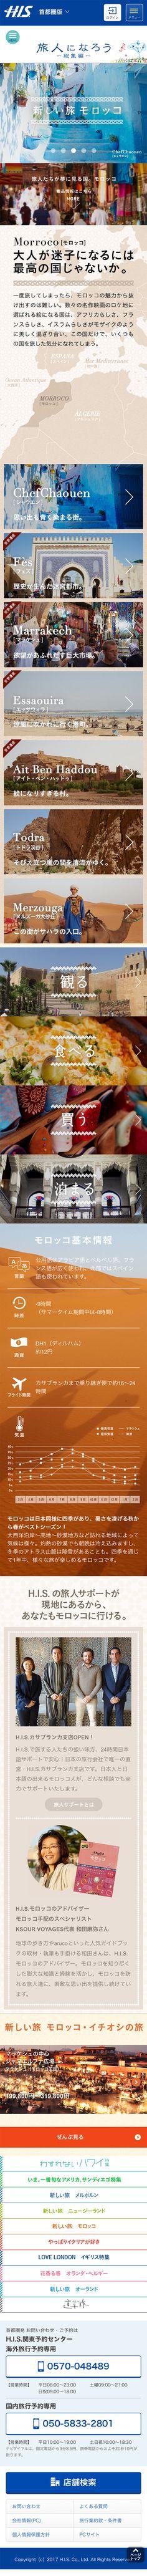 株式会社エイチ・アイ・エス様の「新しい旅モロッコ」のスマホランディングページ(LP)シンプル系|旅行・アウトドア #LP #ランディングページ #ランペ #新しい旅モロッコ